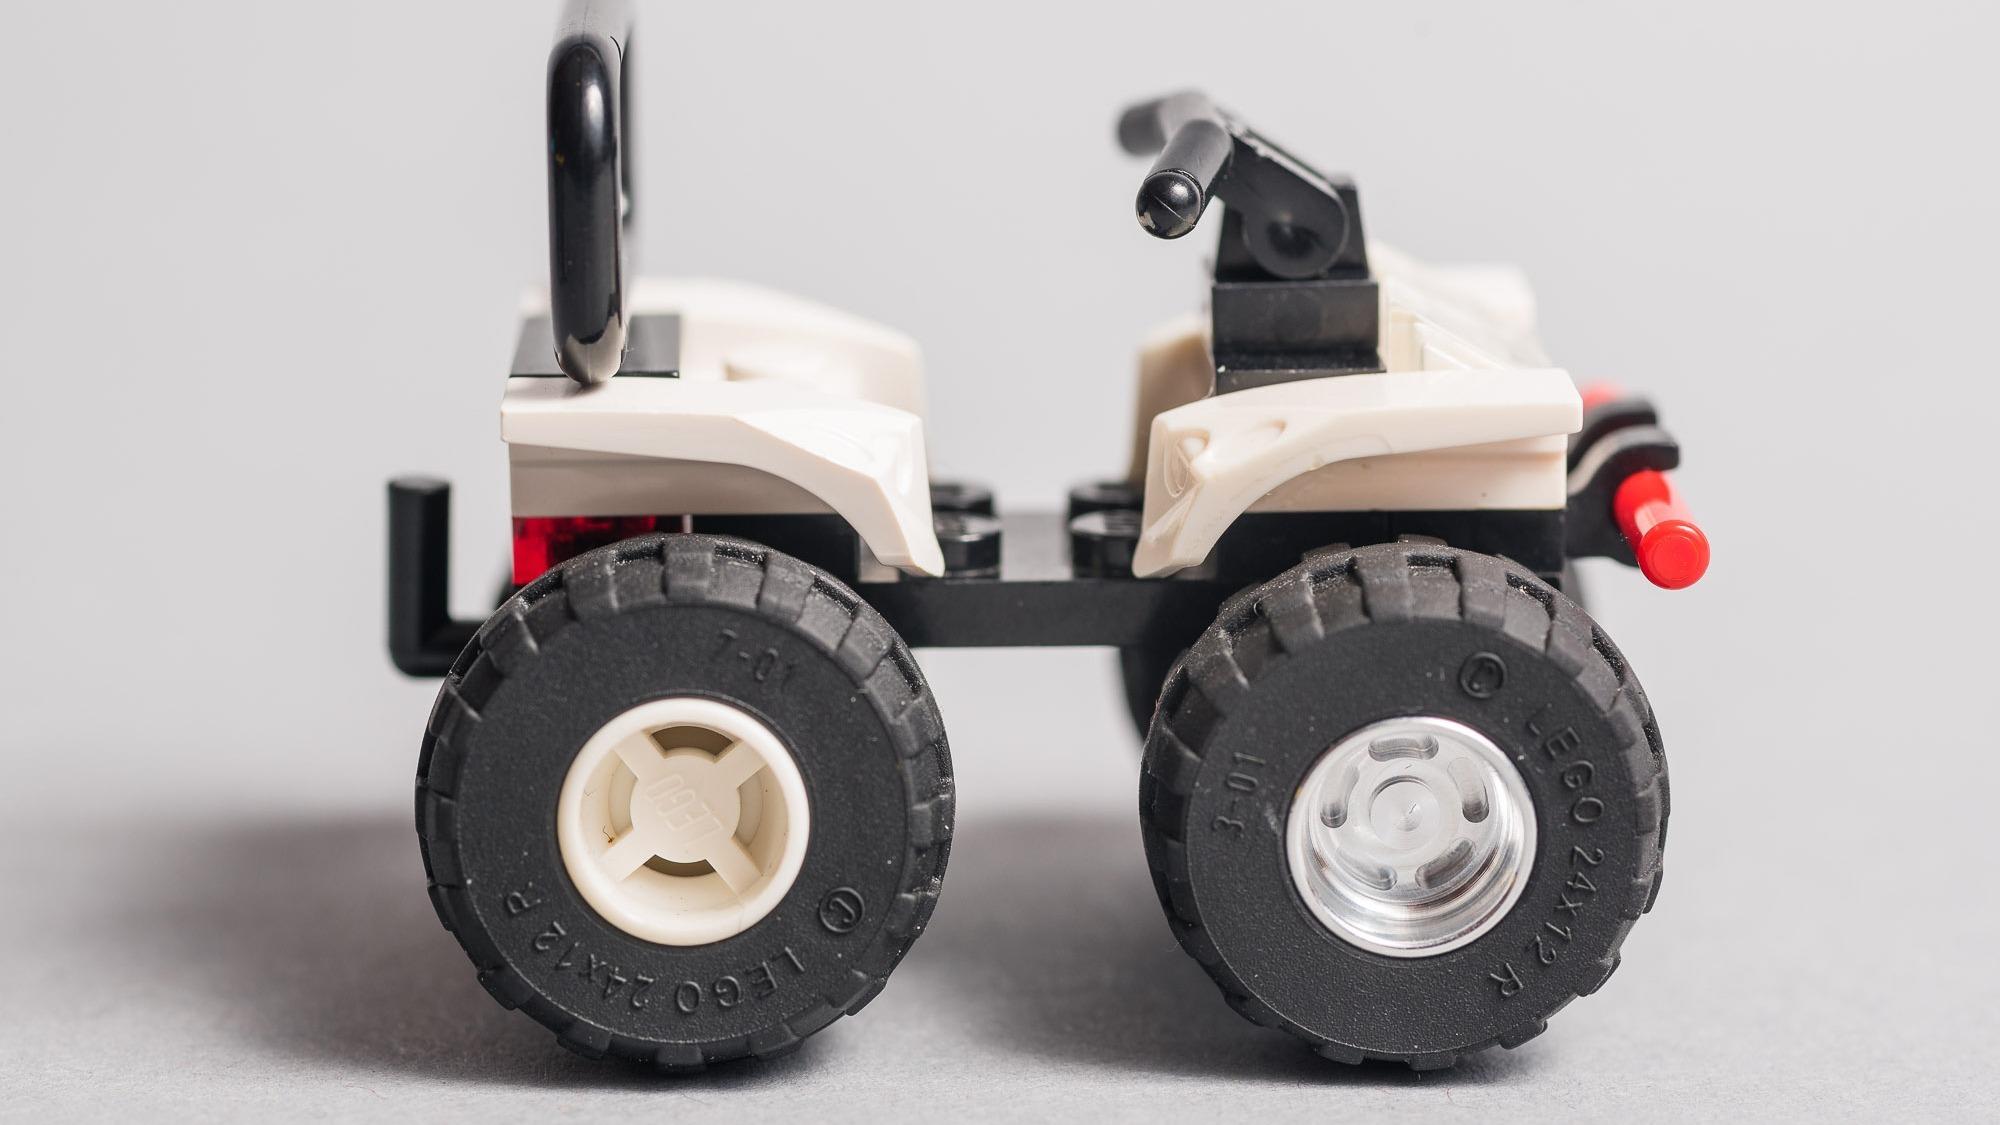 lego-aftermarket-mods-mark-carpenter-05